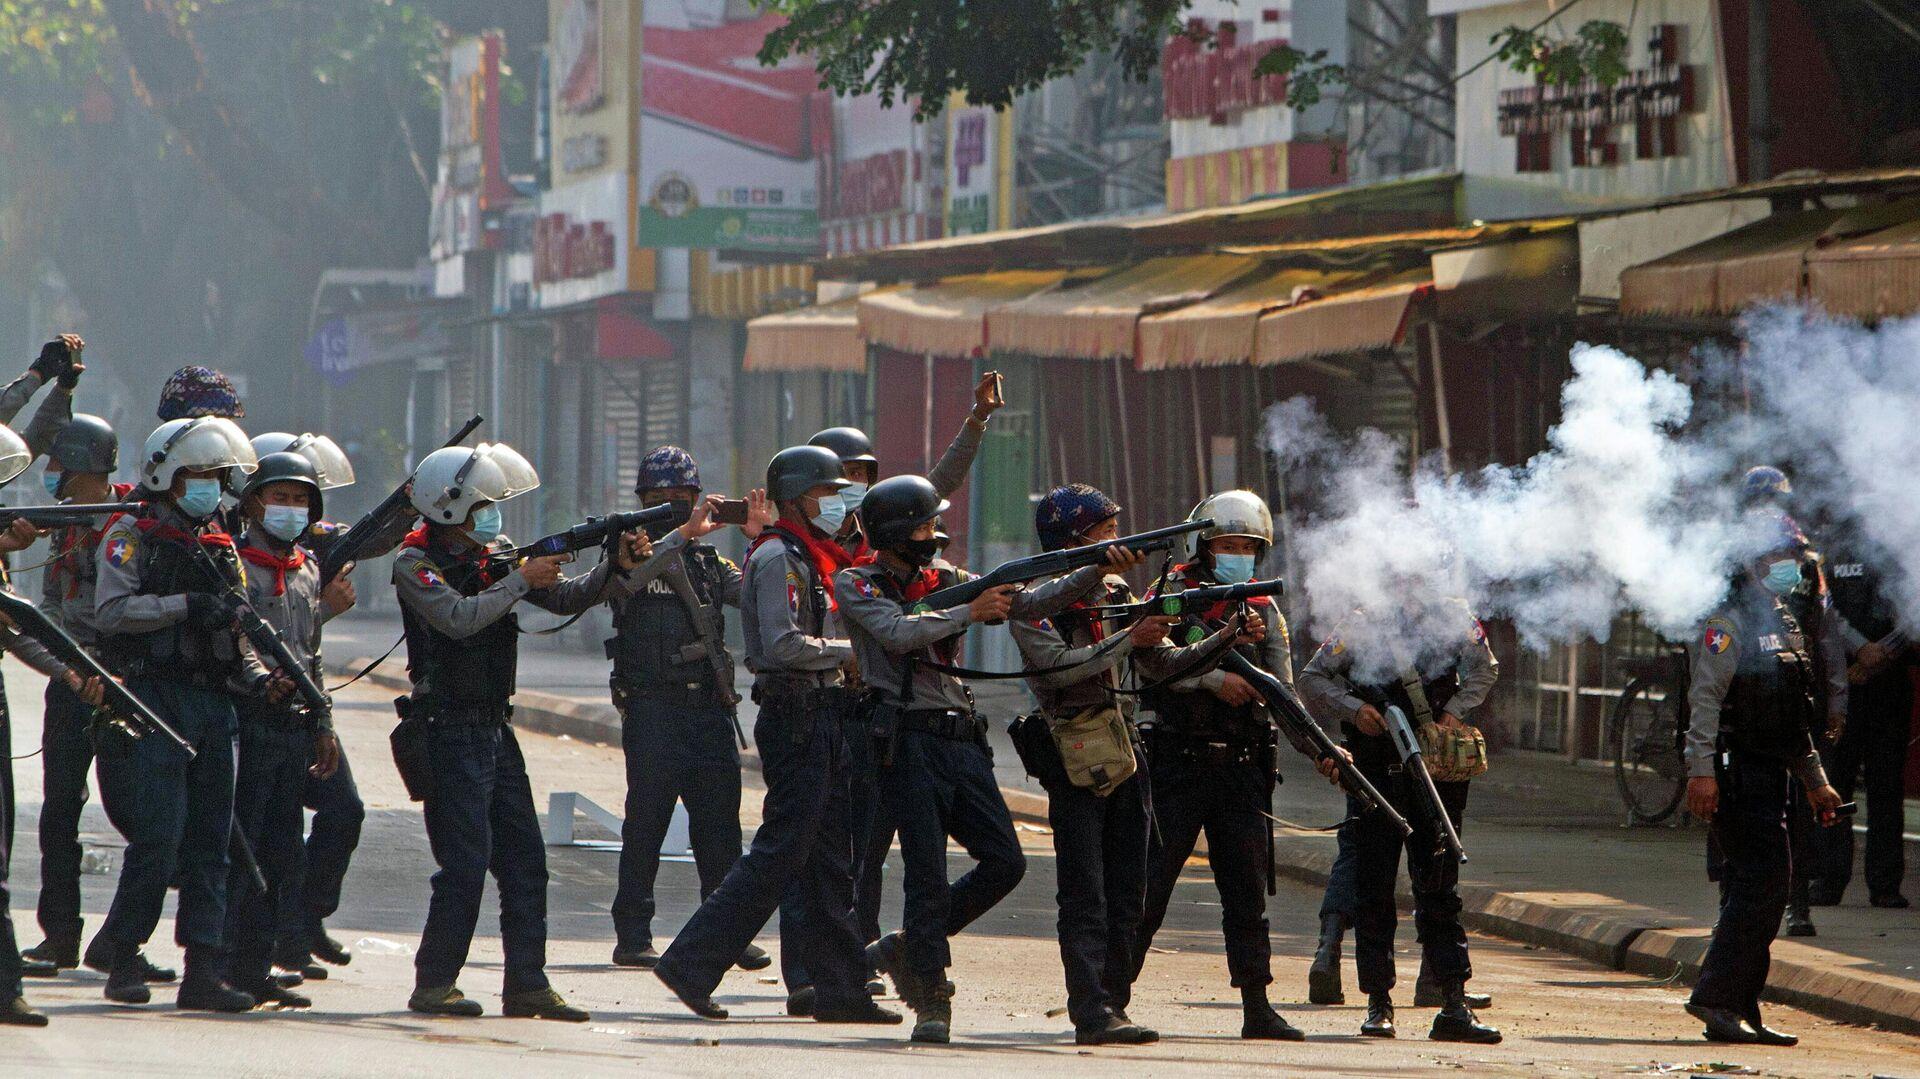 Protest in Yangon, Myanmar - SNA, 1920, 28.02.2021